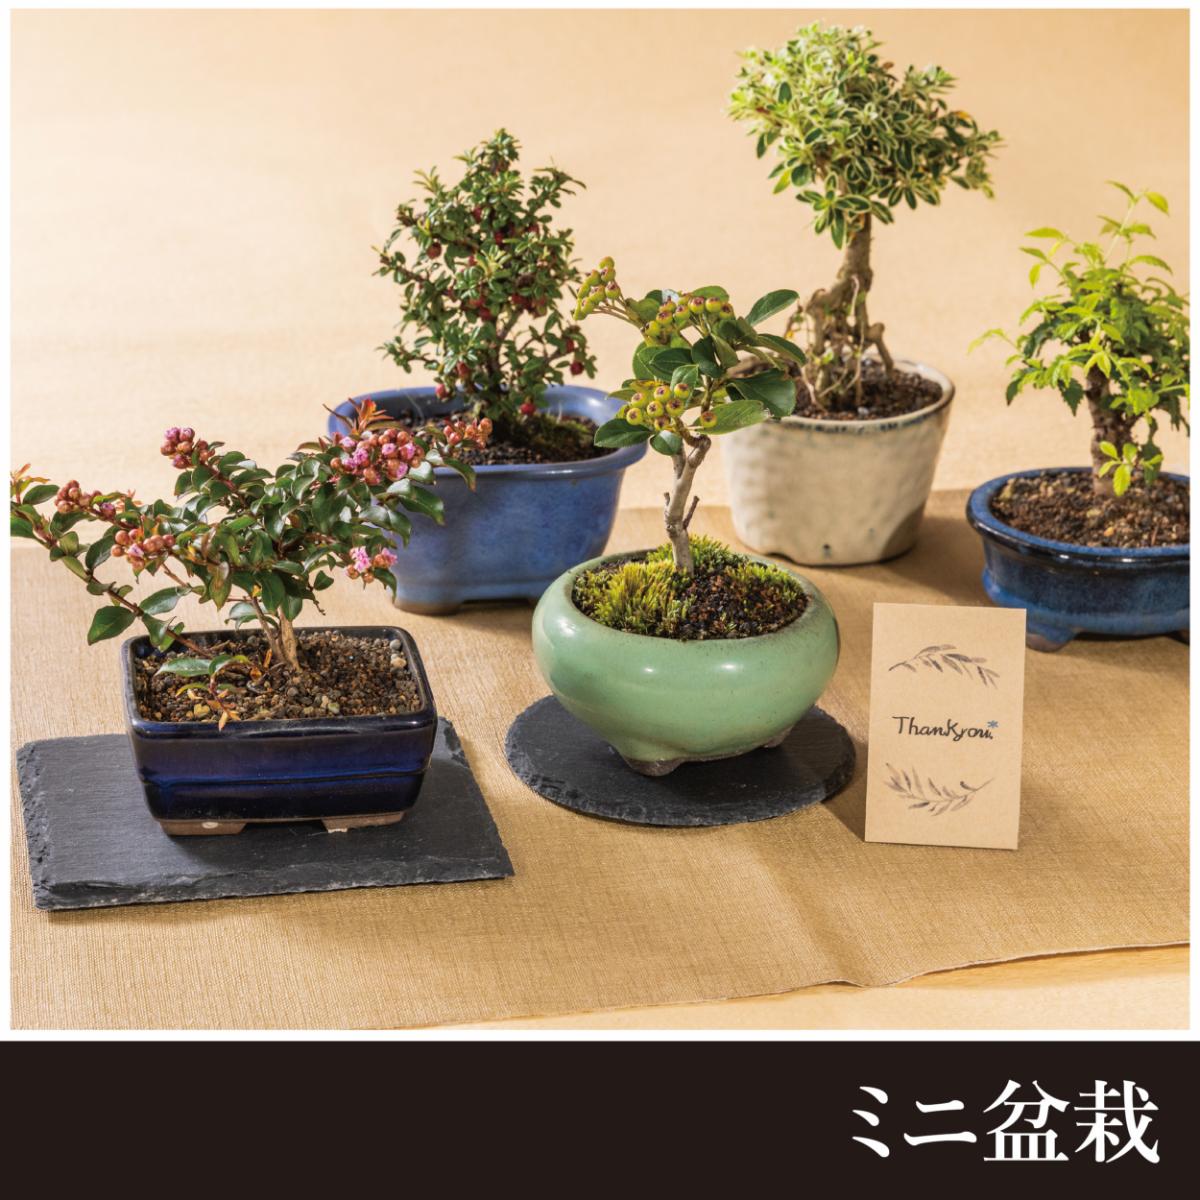 【敬老の日限定販売】ミニ盆栽